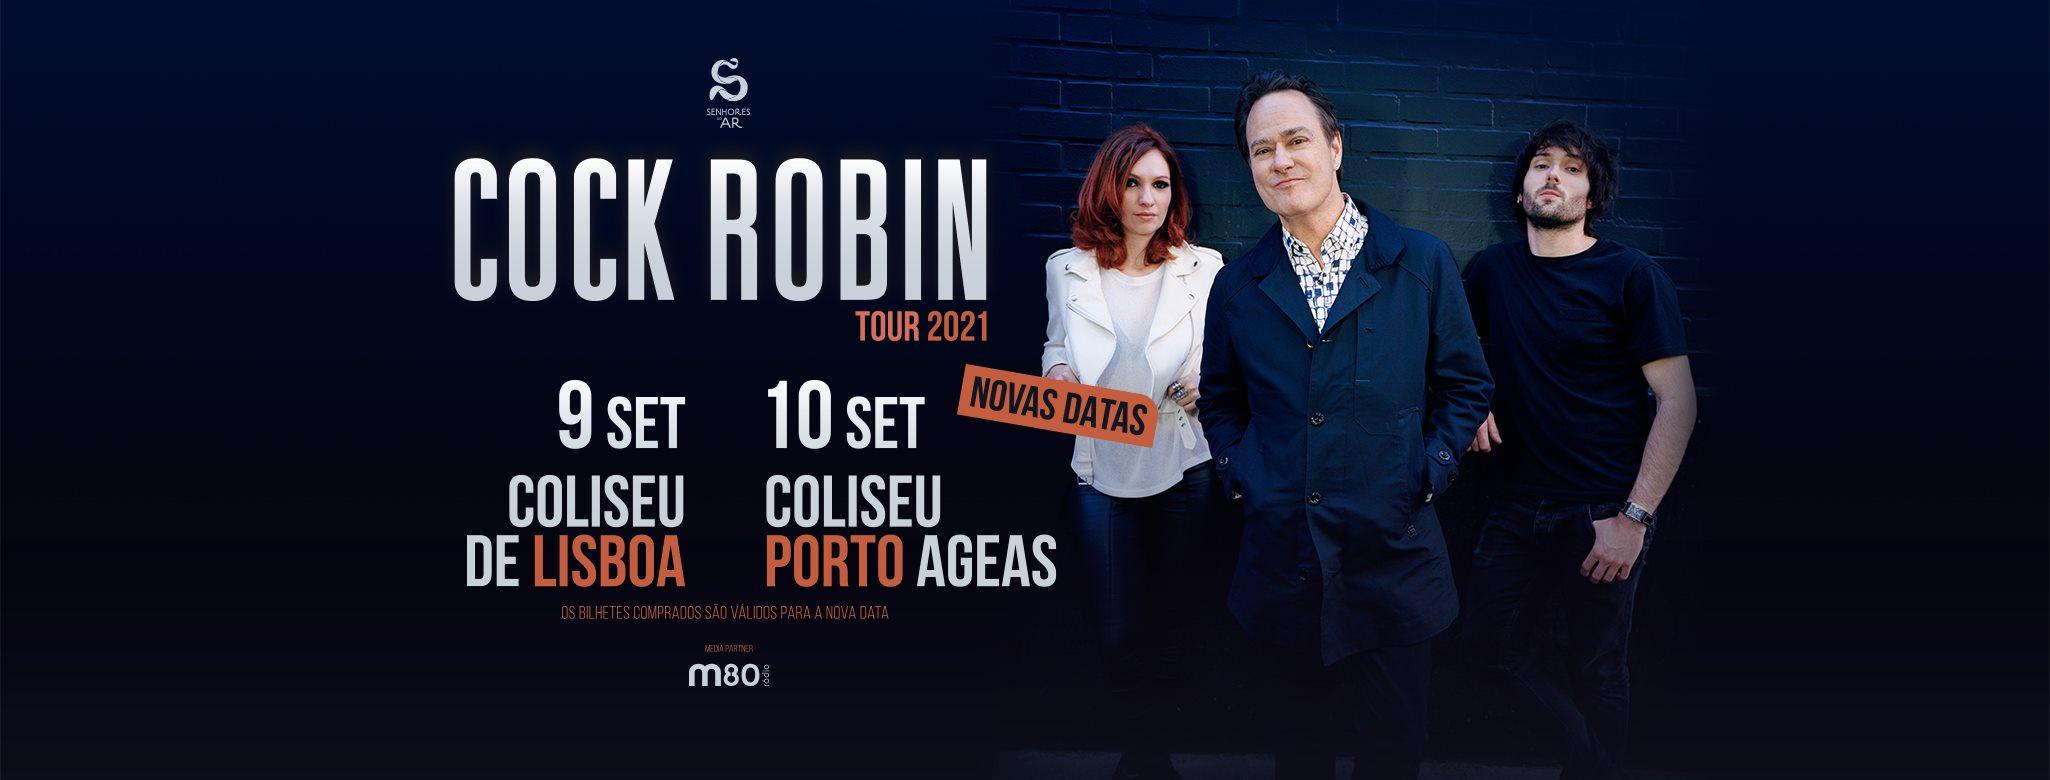 Cock Robin | Coliseu Porto AGEAS - 10 de Setembro